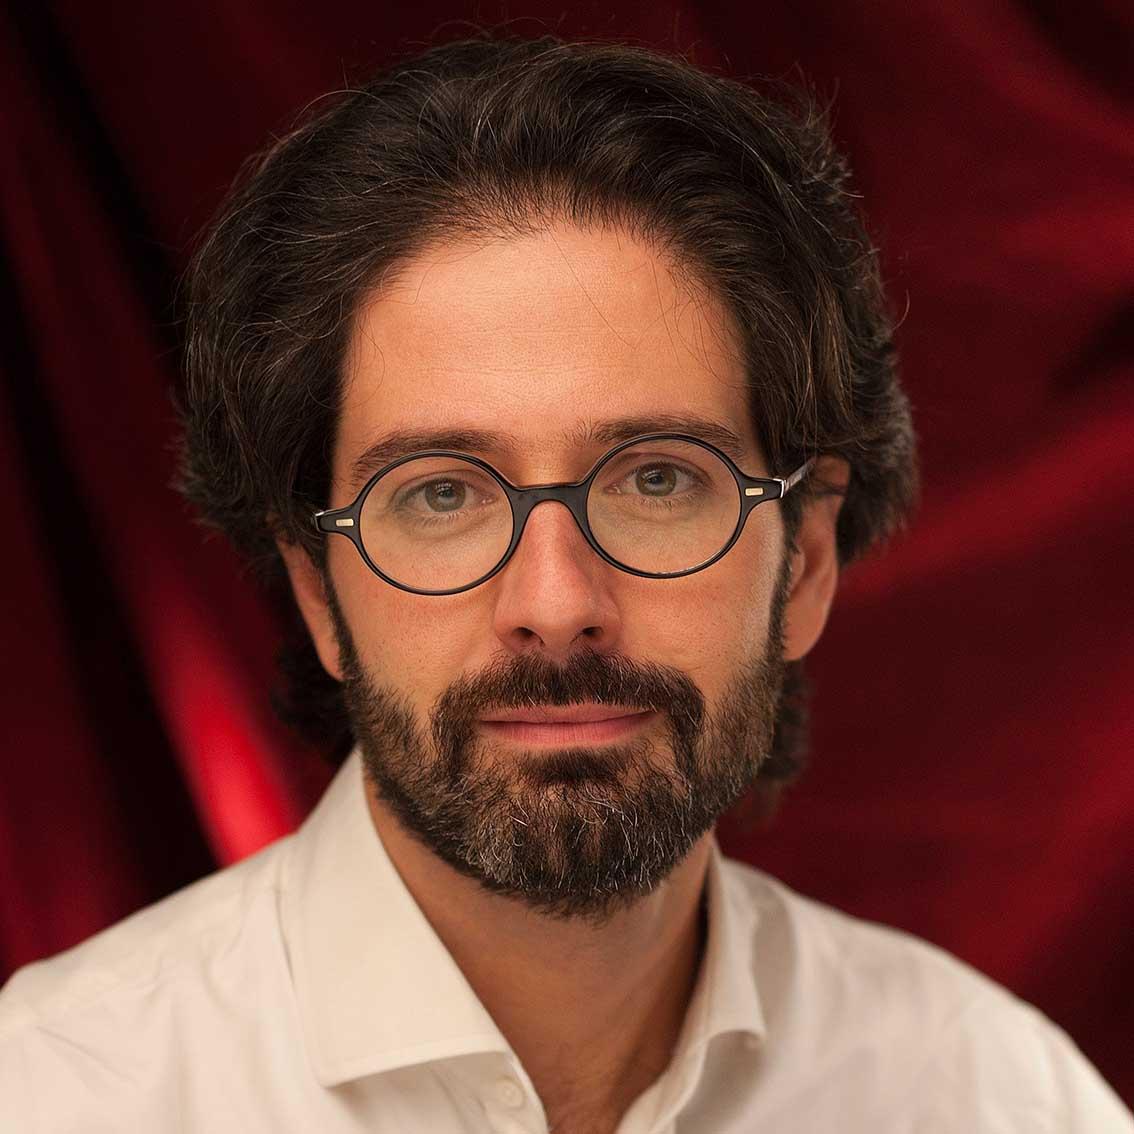 Pierre BOUCARD